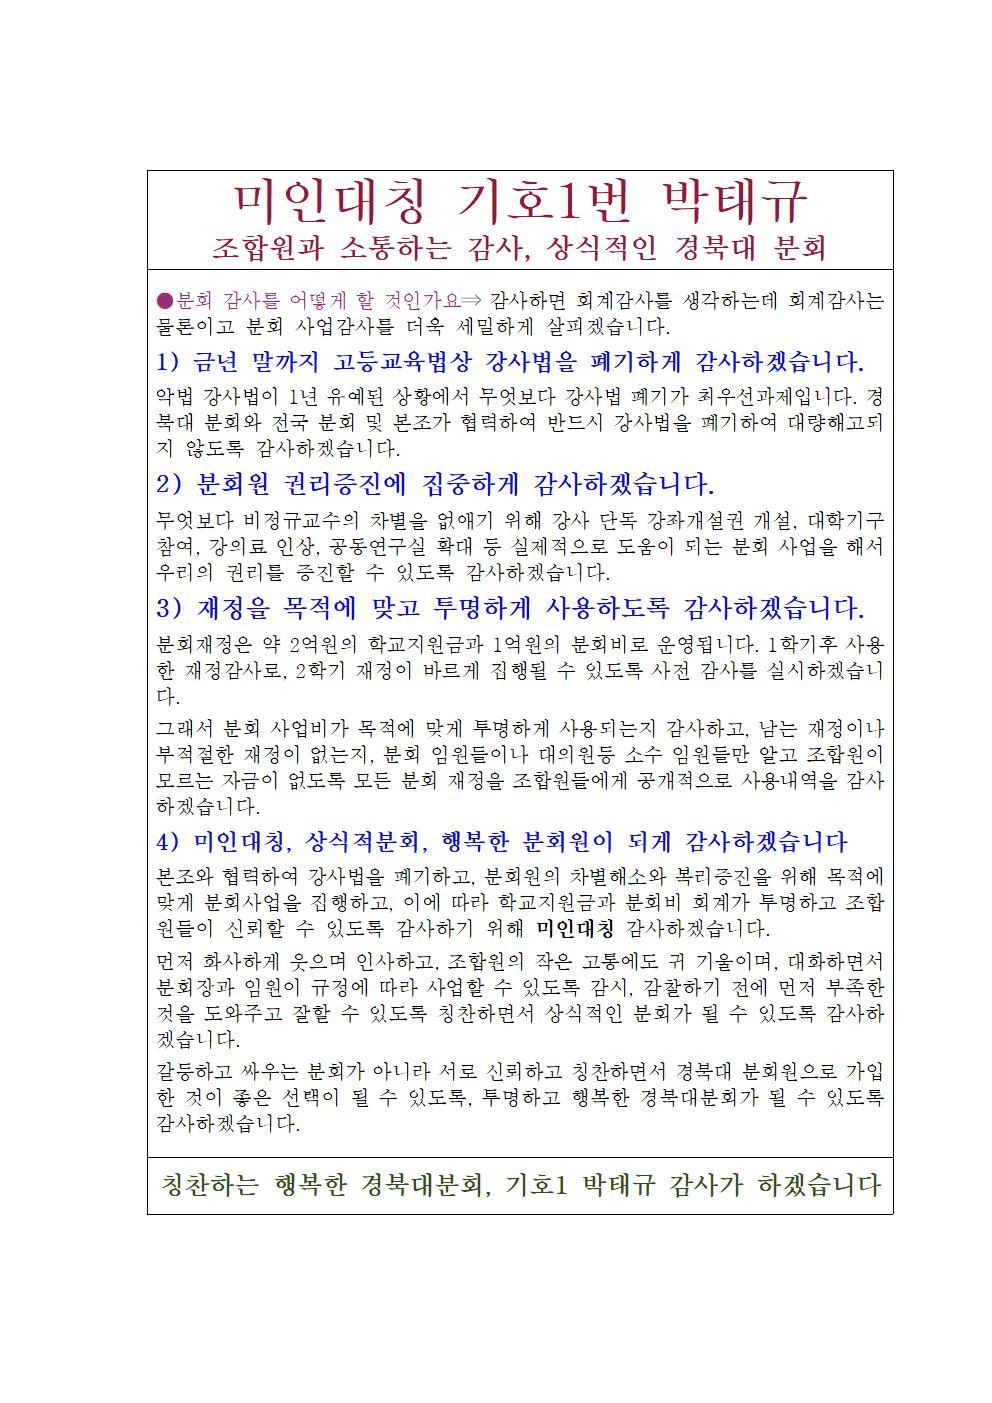 박태규 홍보물002.jpg